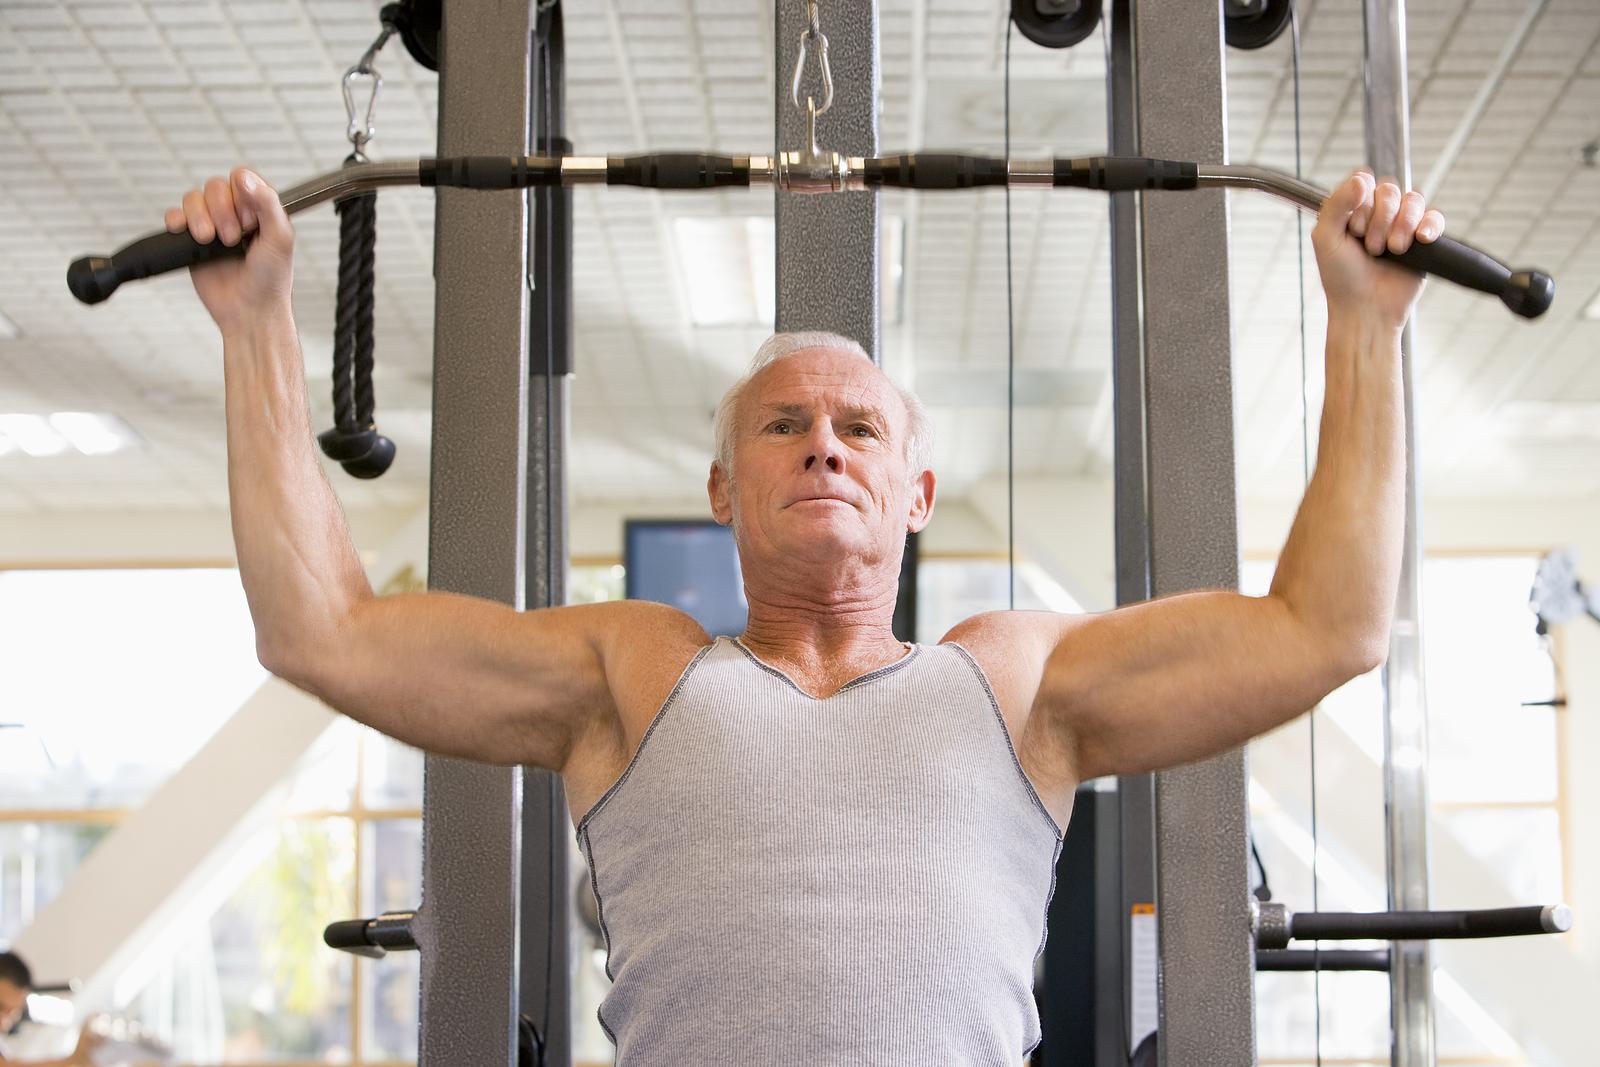 Senior Fitness   #1 Source for Senior Health, Fitness